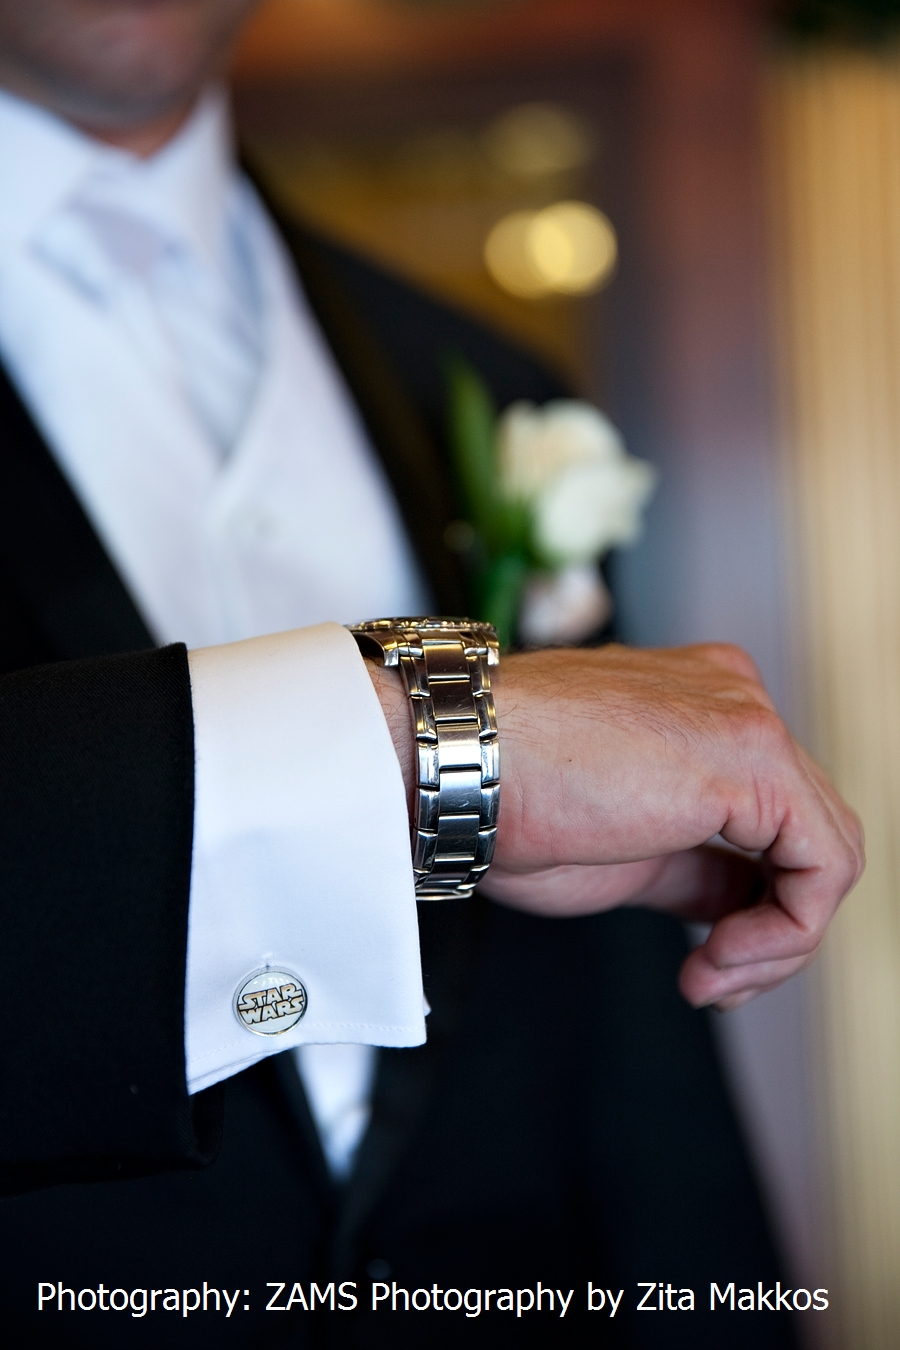 betty_white_quote_cuff_links_men_weddings_groomsmen_cufflinks_2.jpg